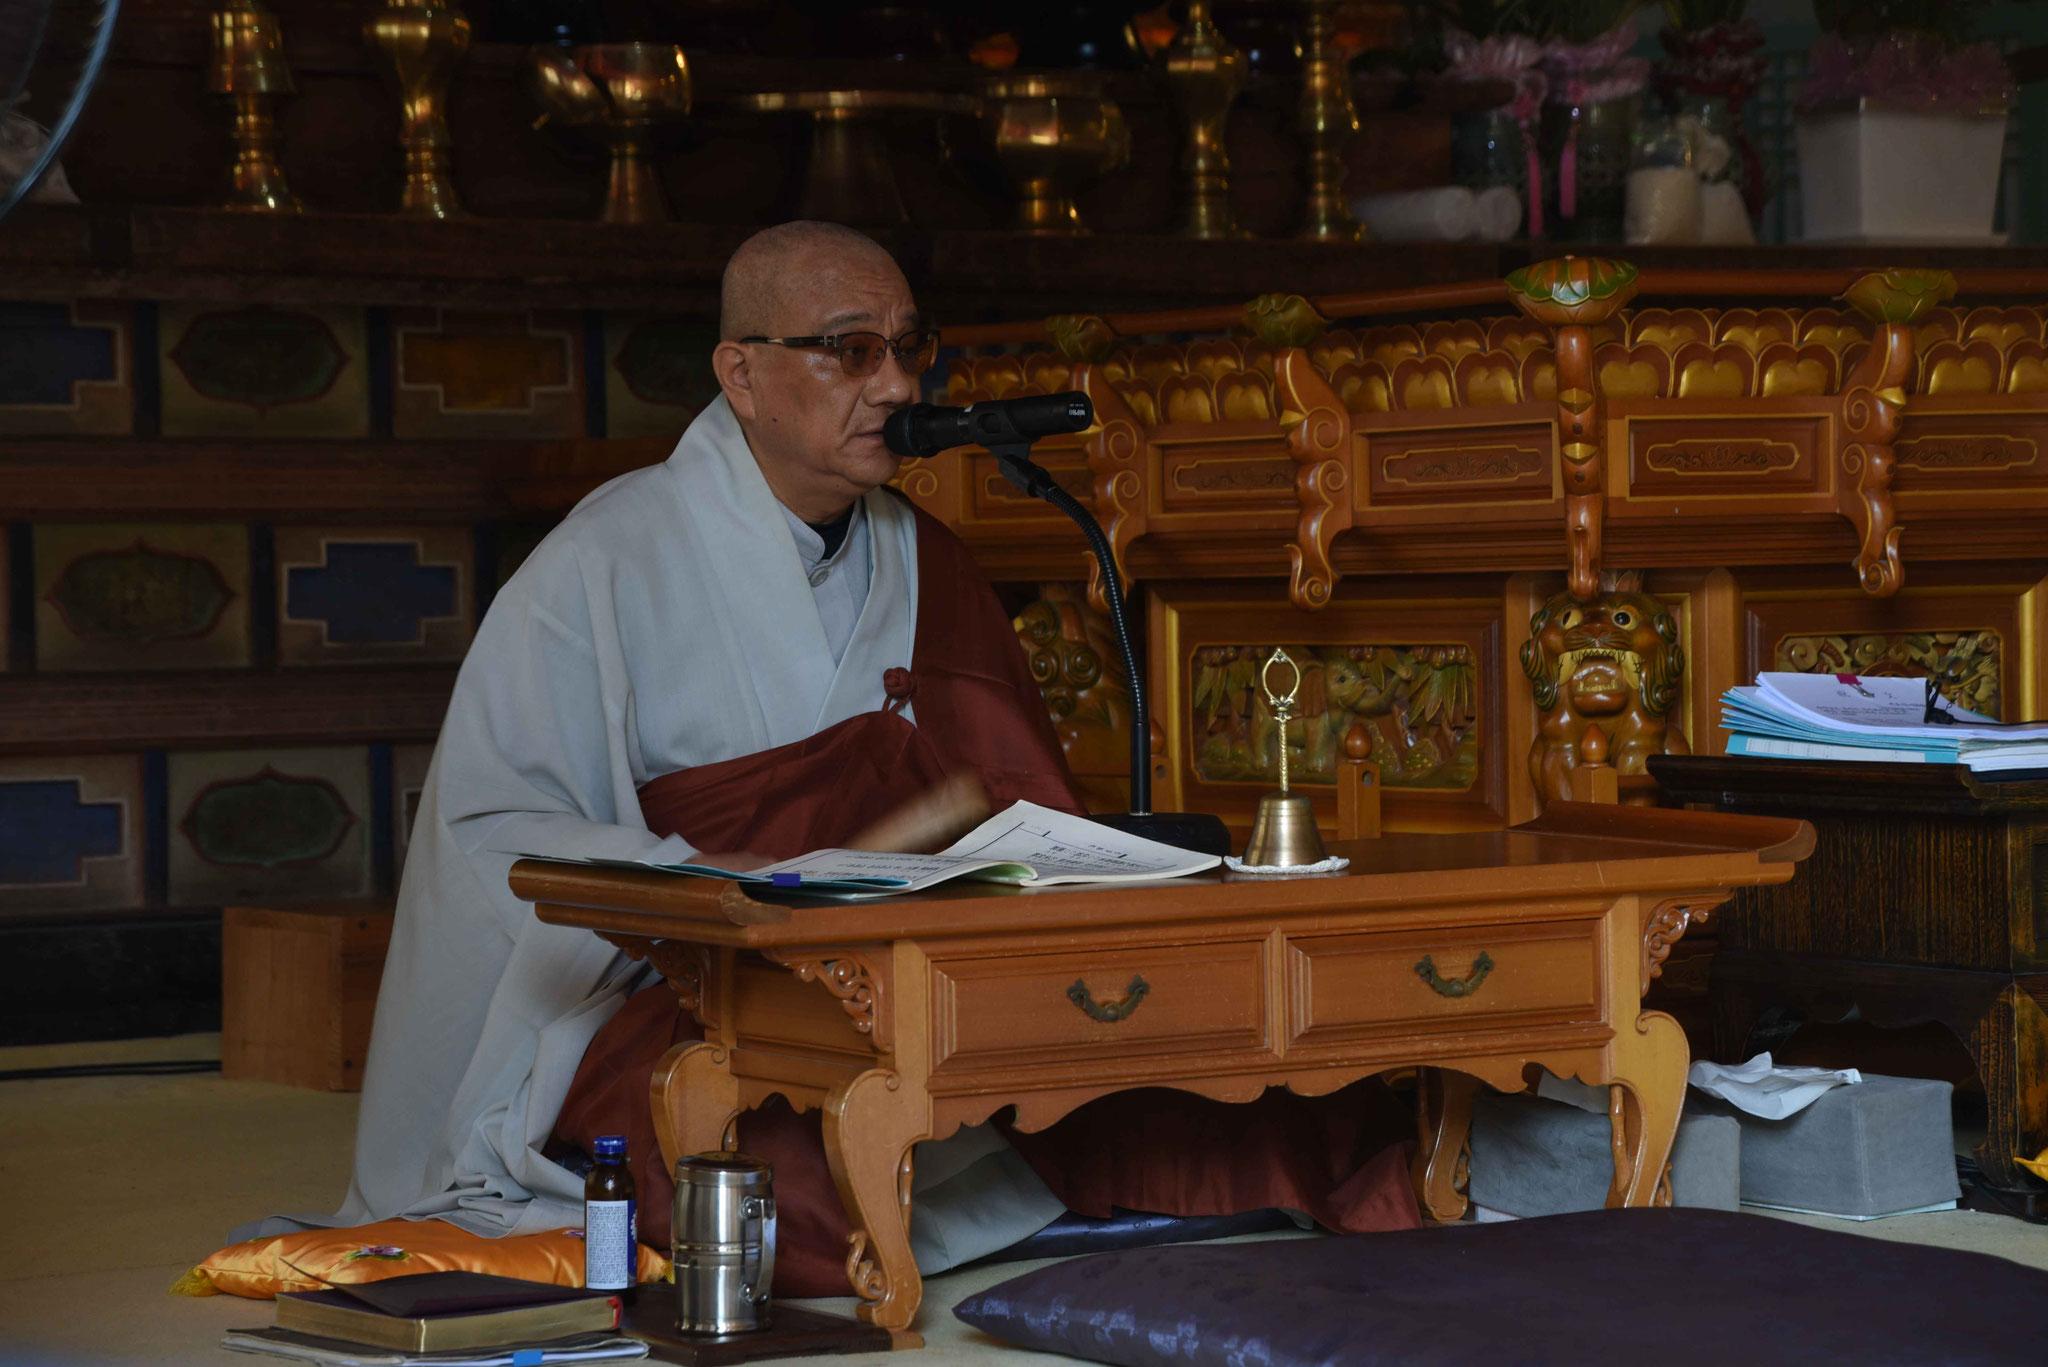 Buddistischer Mönch beim Predigen